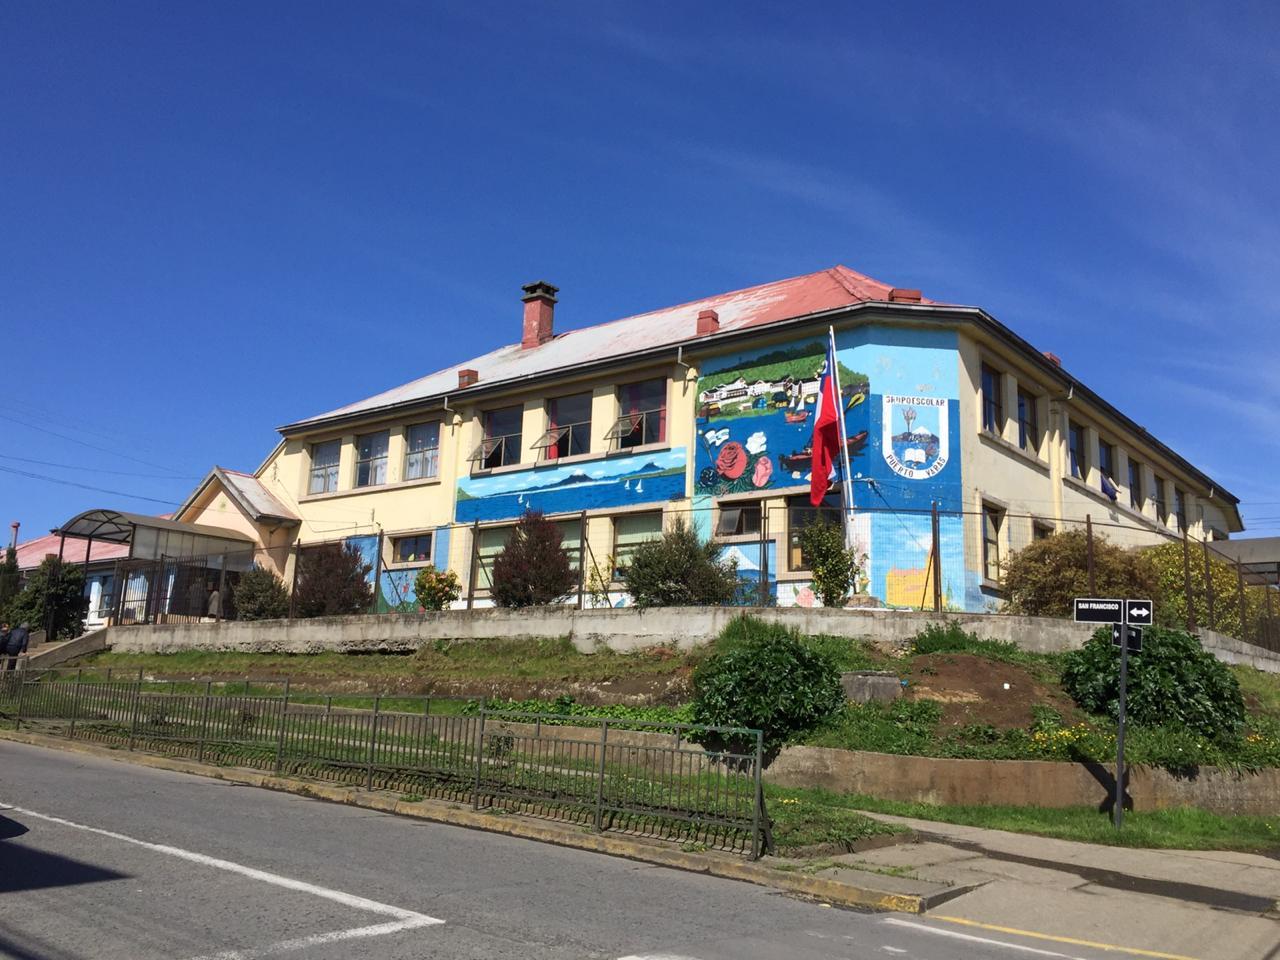 Escuela Abierta de Verano 2019 Puerto Varas -Diario Puerto Varas